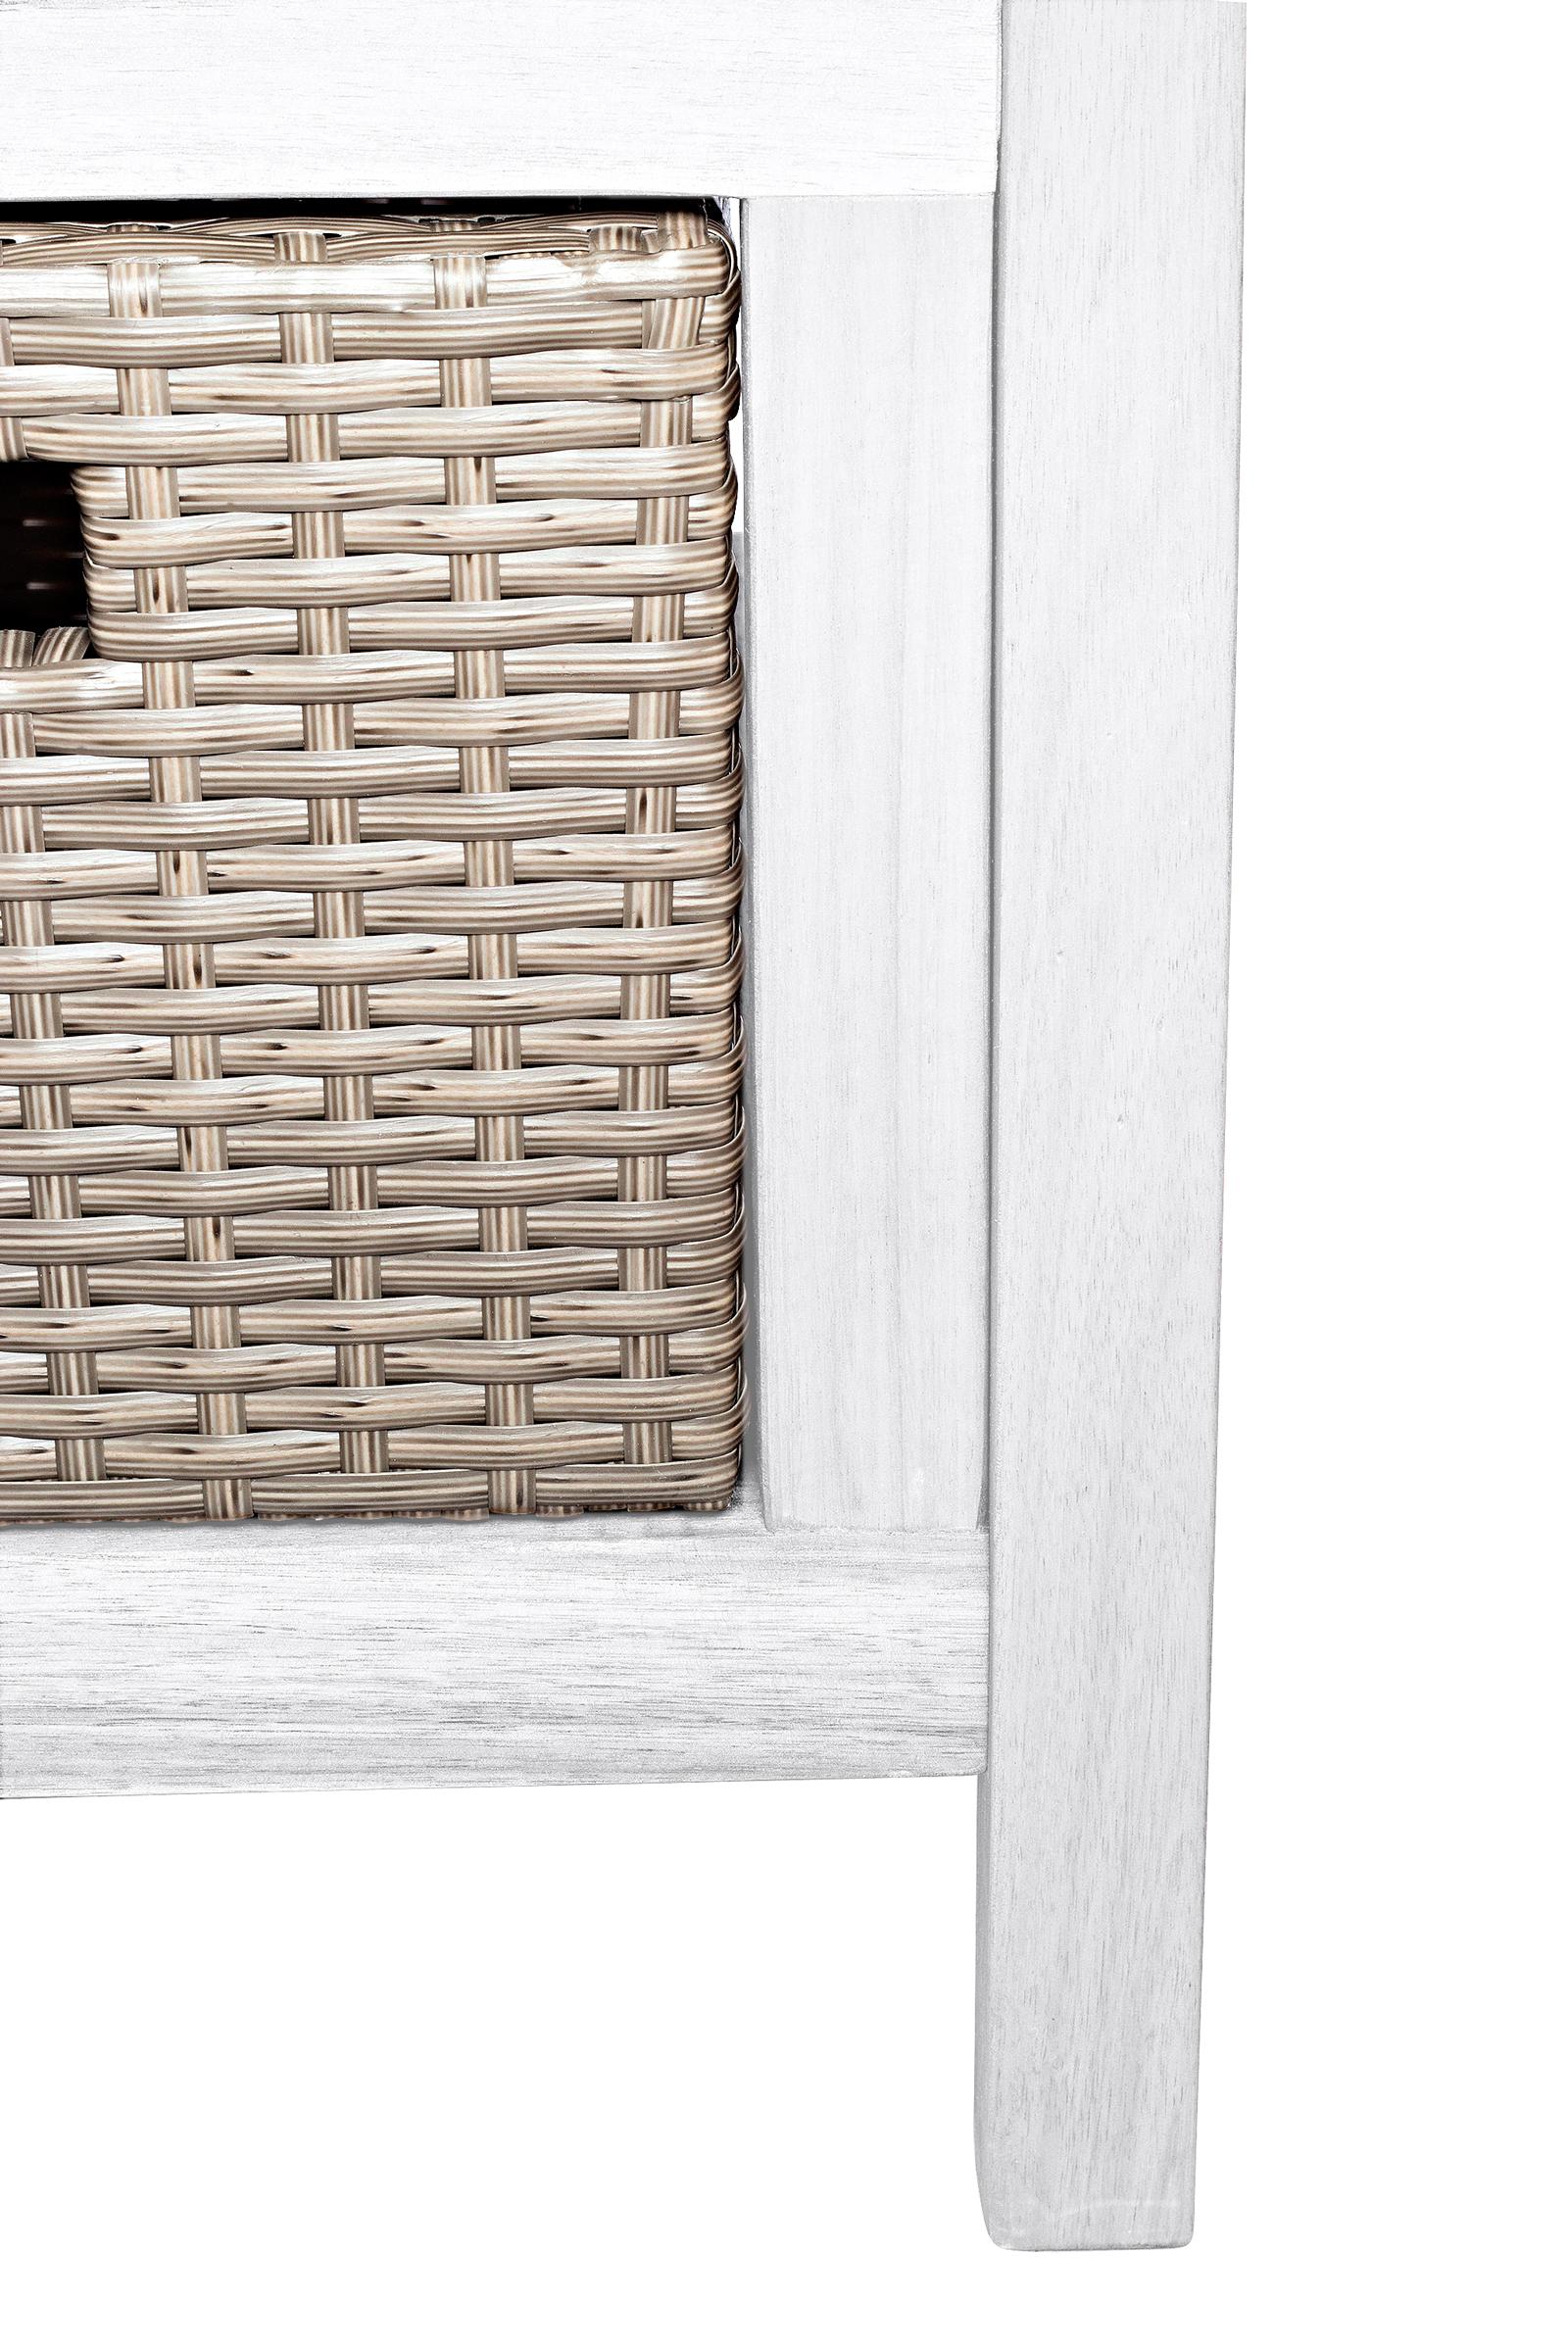 SAM® Gartenbank Akazie 120 cm Sitzbank mit 3 Körben weiß FAUNA